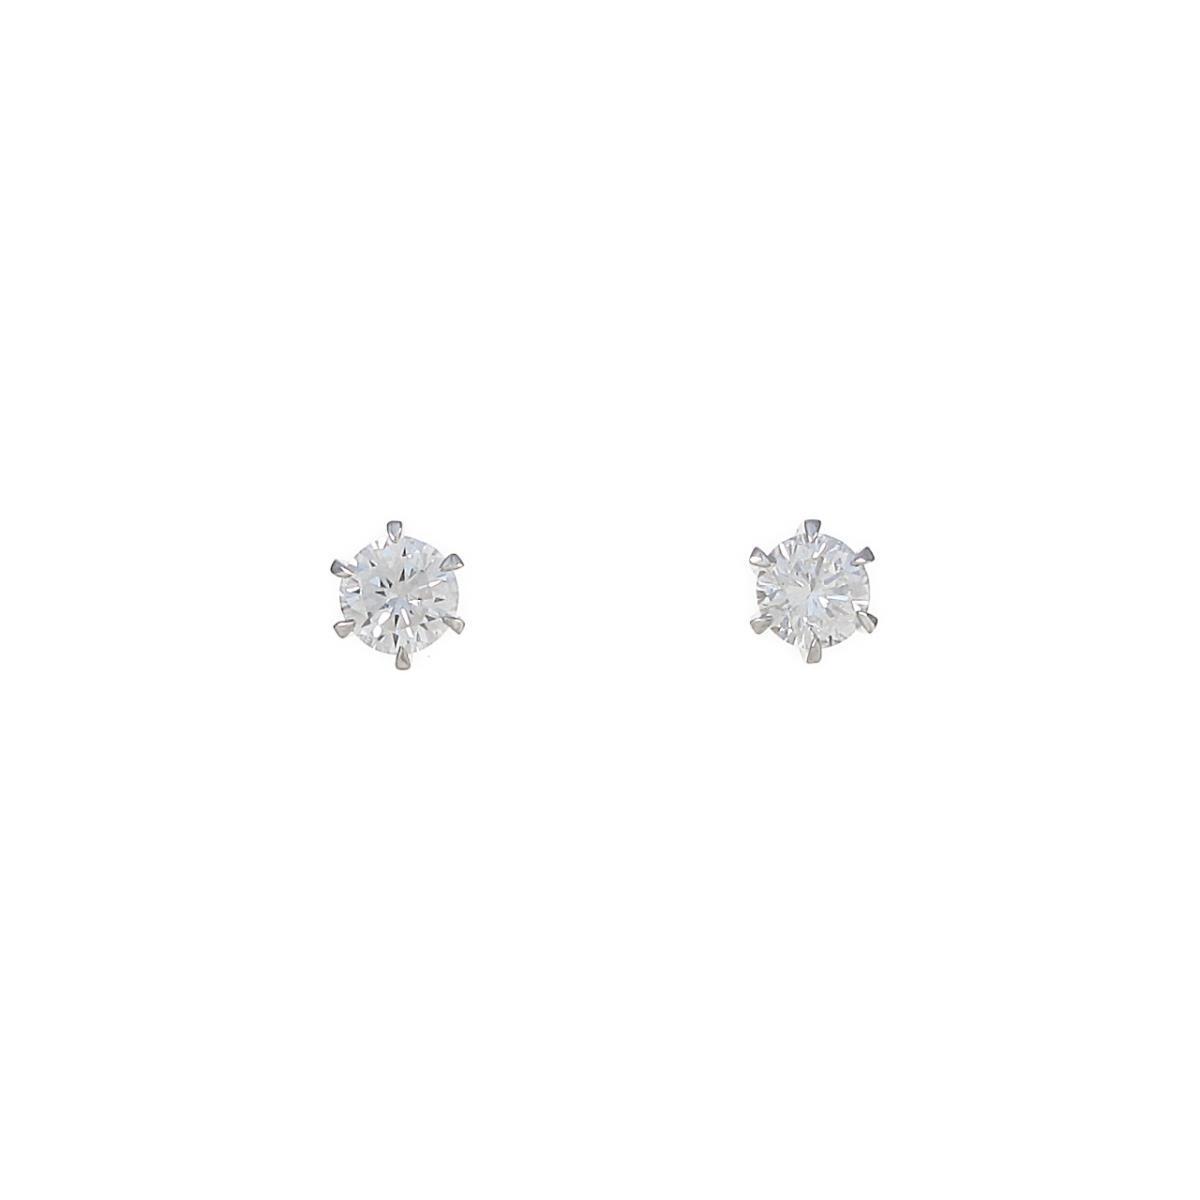 【リメイク】ST/プラチナダイヤモンドピアス 0.303ct・0.311ct・E-F・VS1・GOOD【中古】